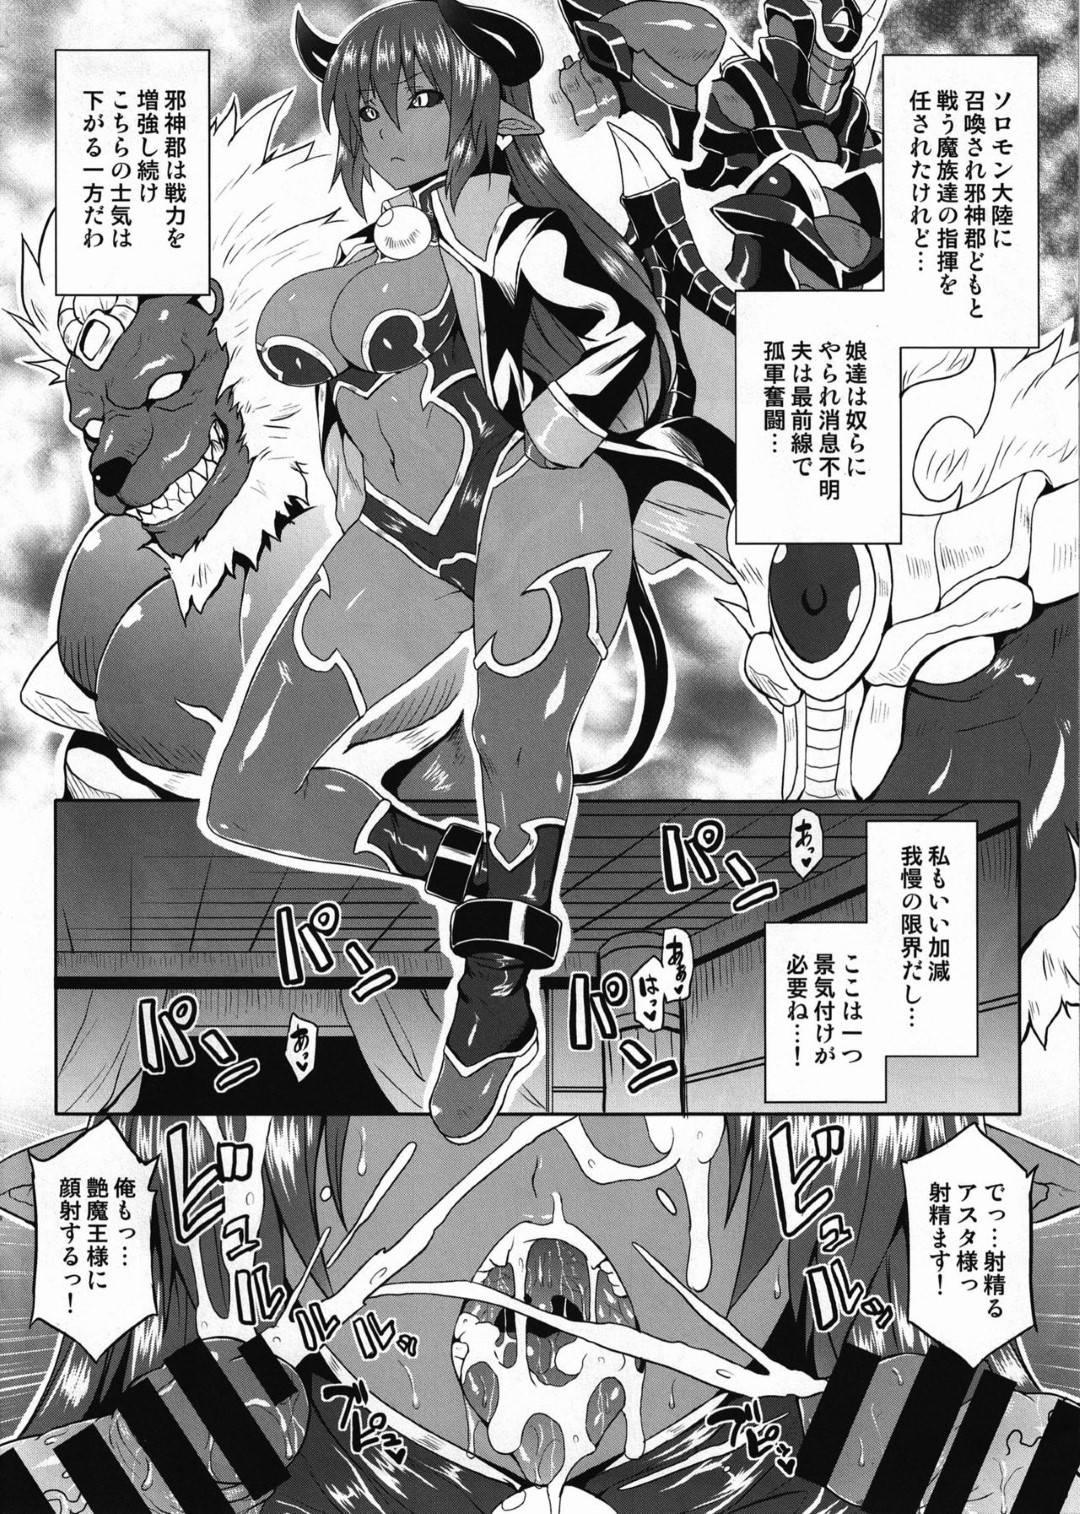 【エロ漫画】敗北続きの魔族の軍隊、女魔王は魔族たちの士気を高めるために自らの身体を使って性処理する。騎乗位しながら手コキしたり顔射されたりと身体中はザーメンまみれ!魔族チンポや触手チンポを挿入されて種付けされまくる!